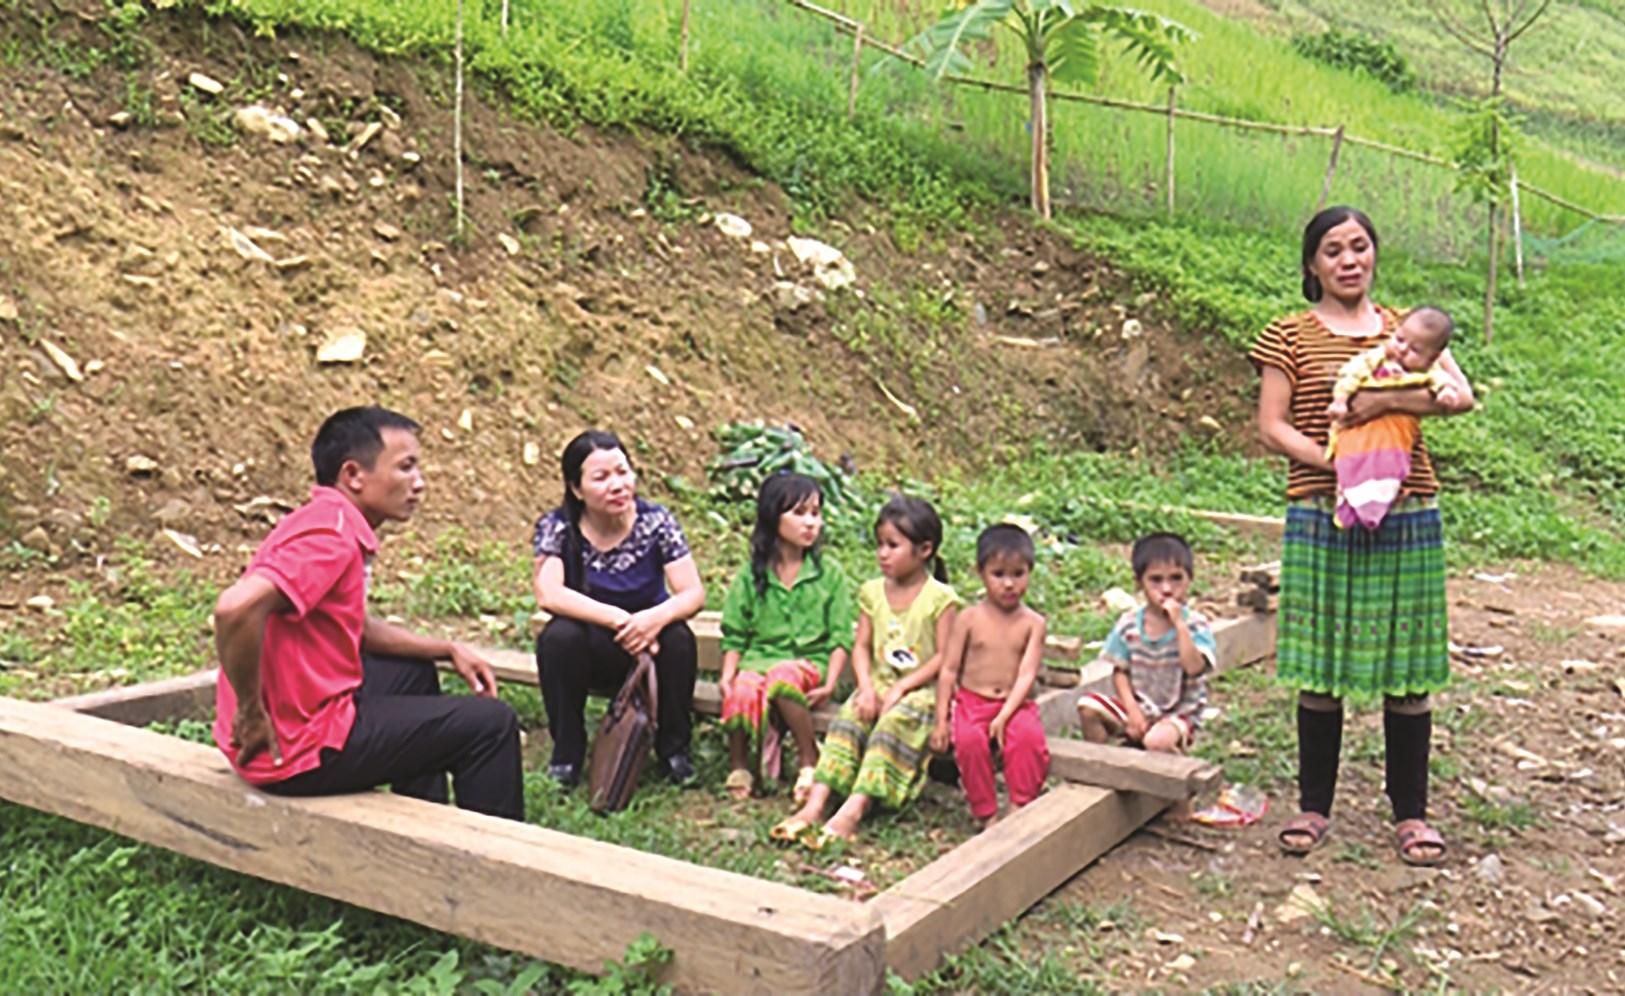 Kết hôn sớm, đông con vẫn là rào cản trong công tác giảm nghèo ở vùng DTTS và miền núi. (Ảnh minh họa)